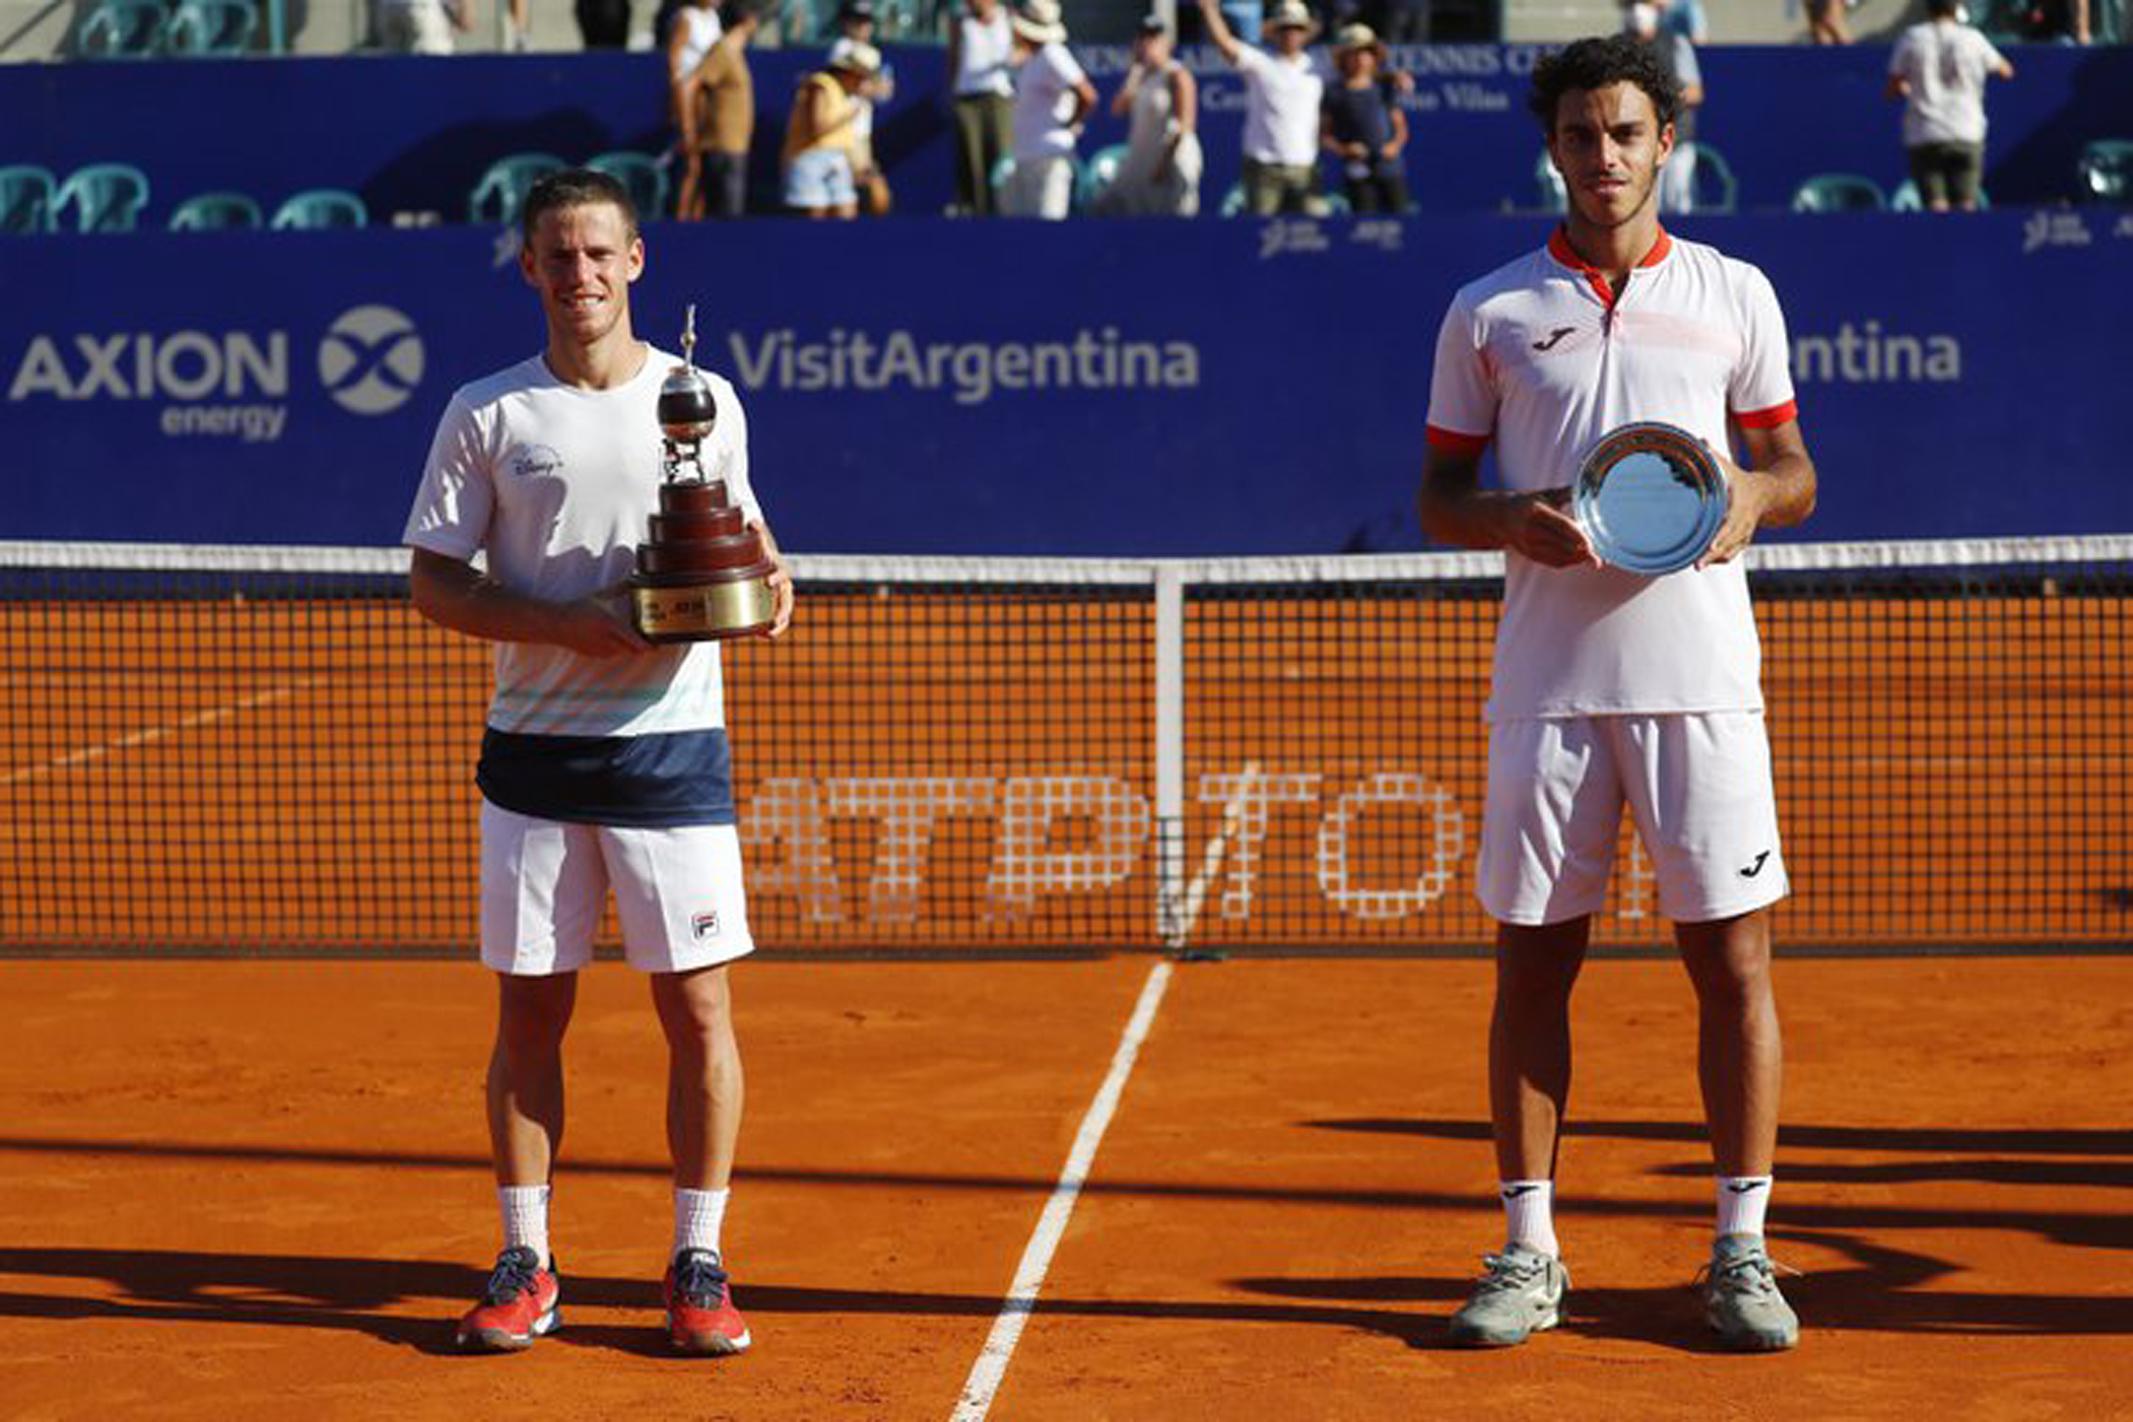 Diego Schwartzman derrotó a Francisco Cerúndolo y se consagró campeón del Argentina Open | El Comercial